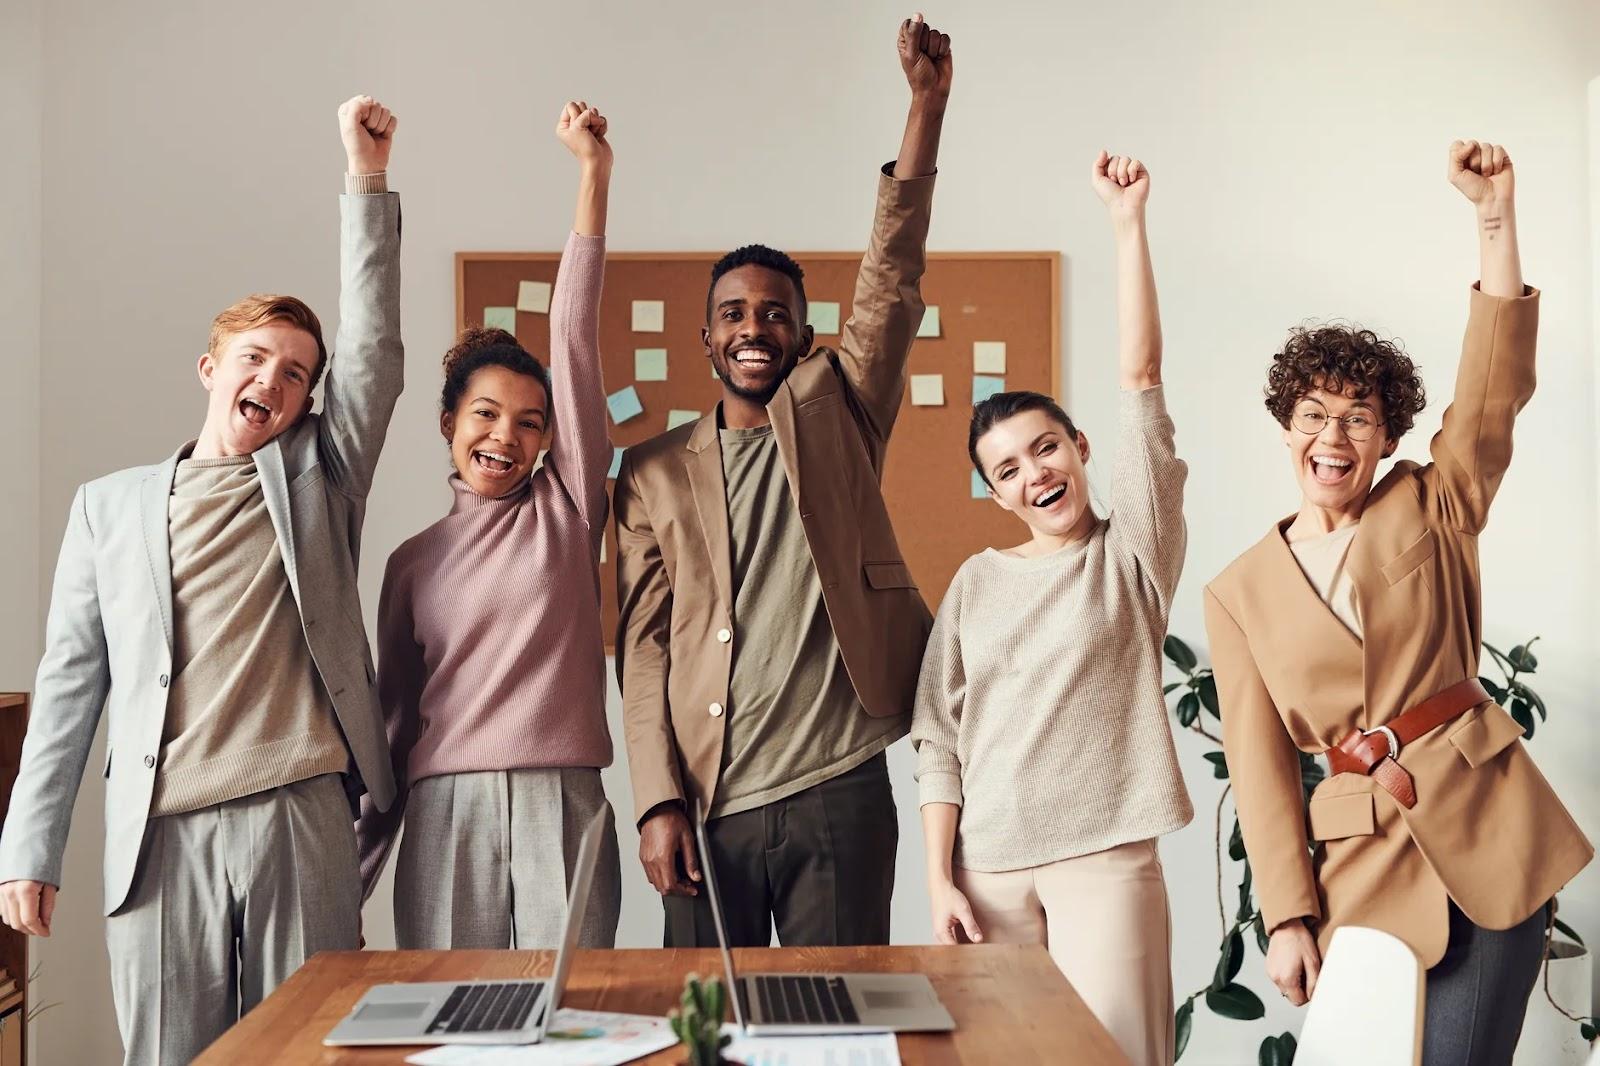 Pessoas levantando a mão esquerda em sinal de comemoração no local de trabalho